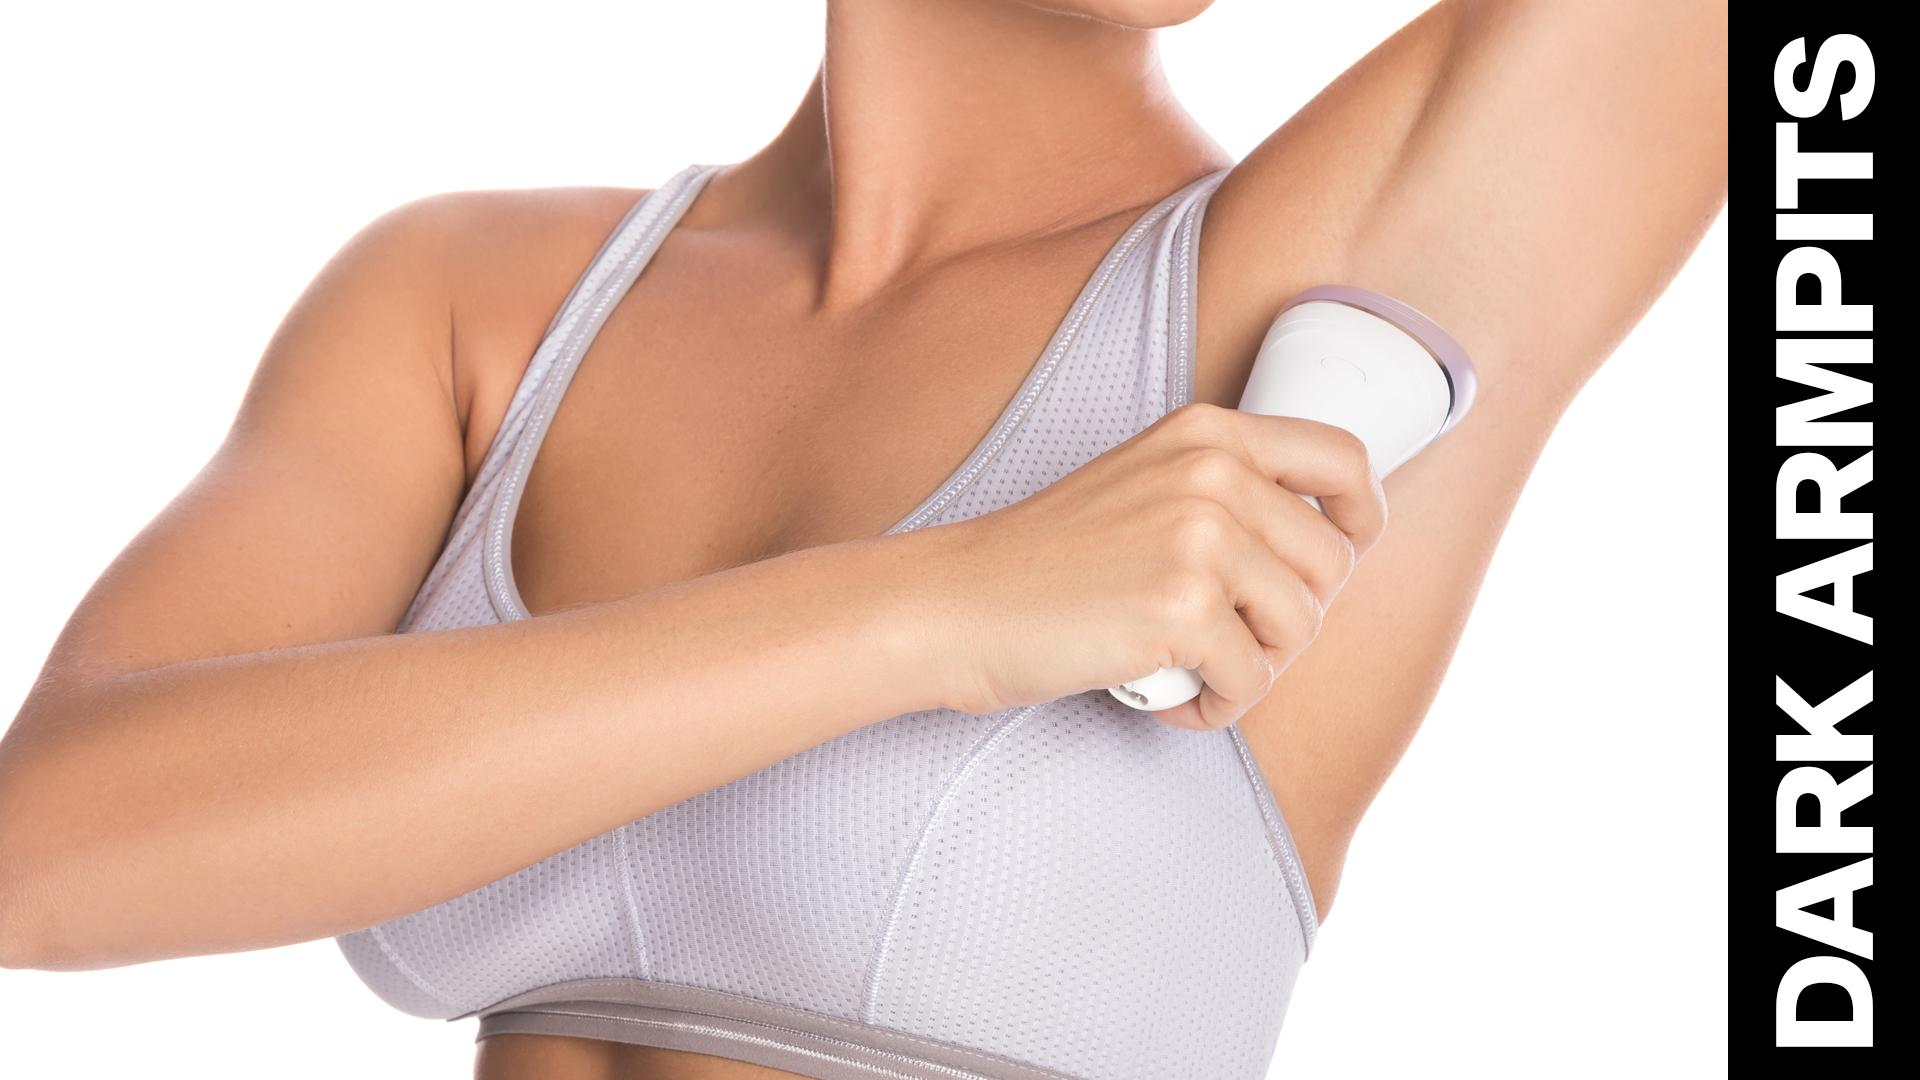 Get rid of dark underarms